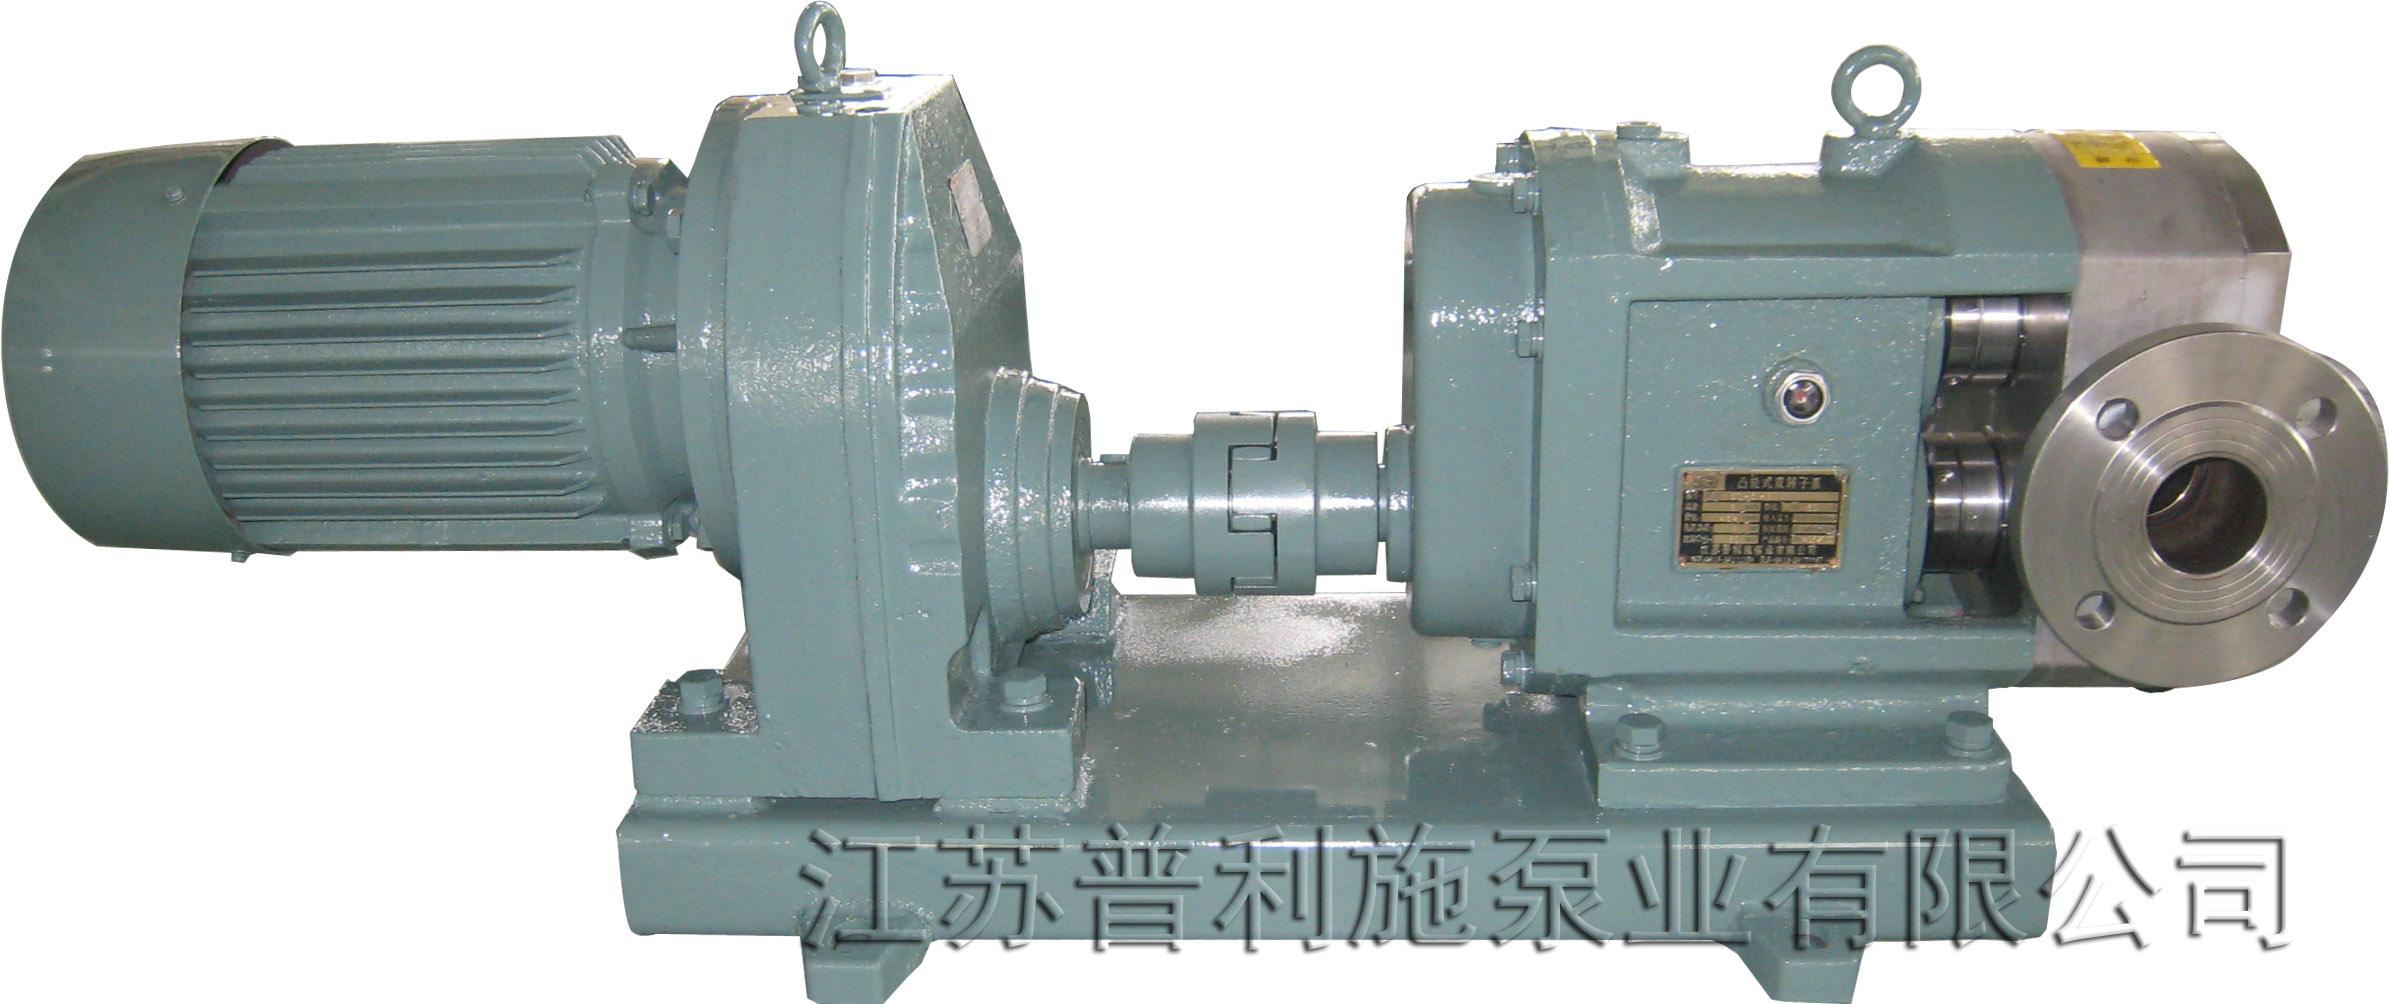 普利施50PLST6-10 凸轮泵 凸轮转子泵